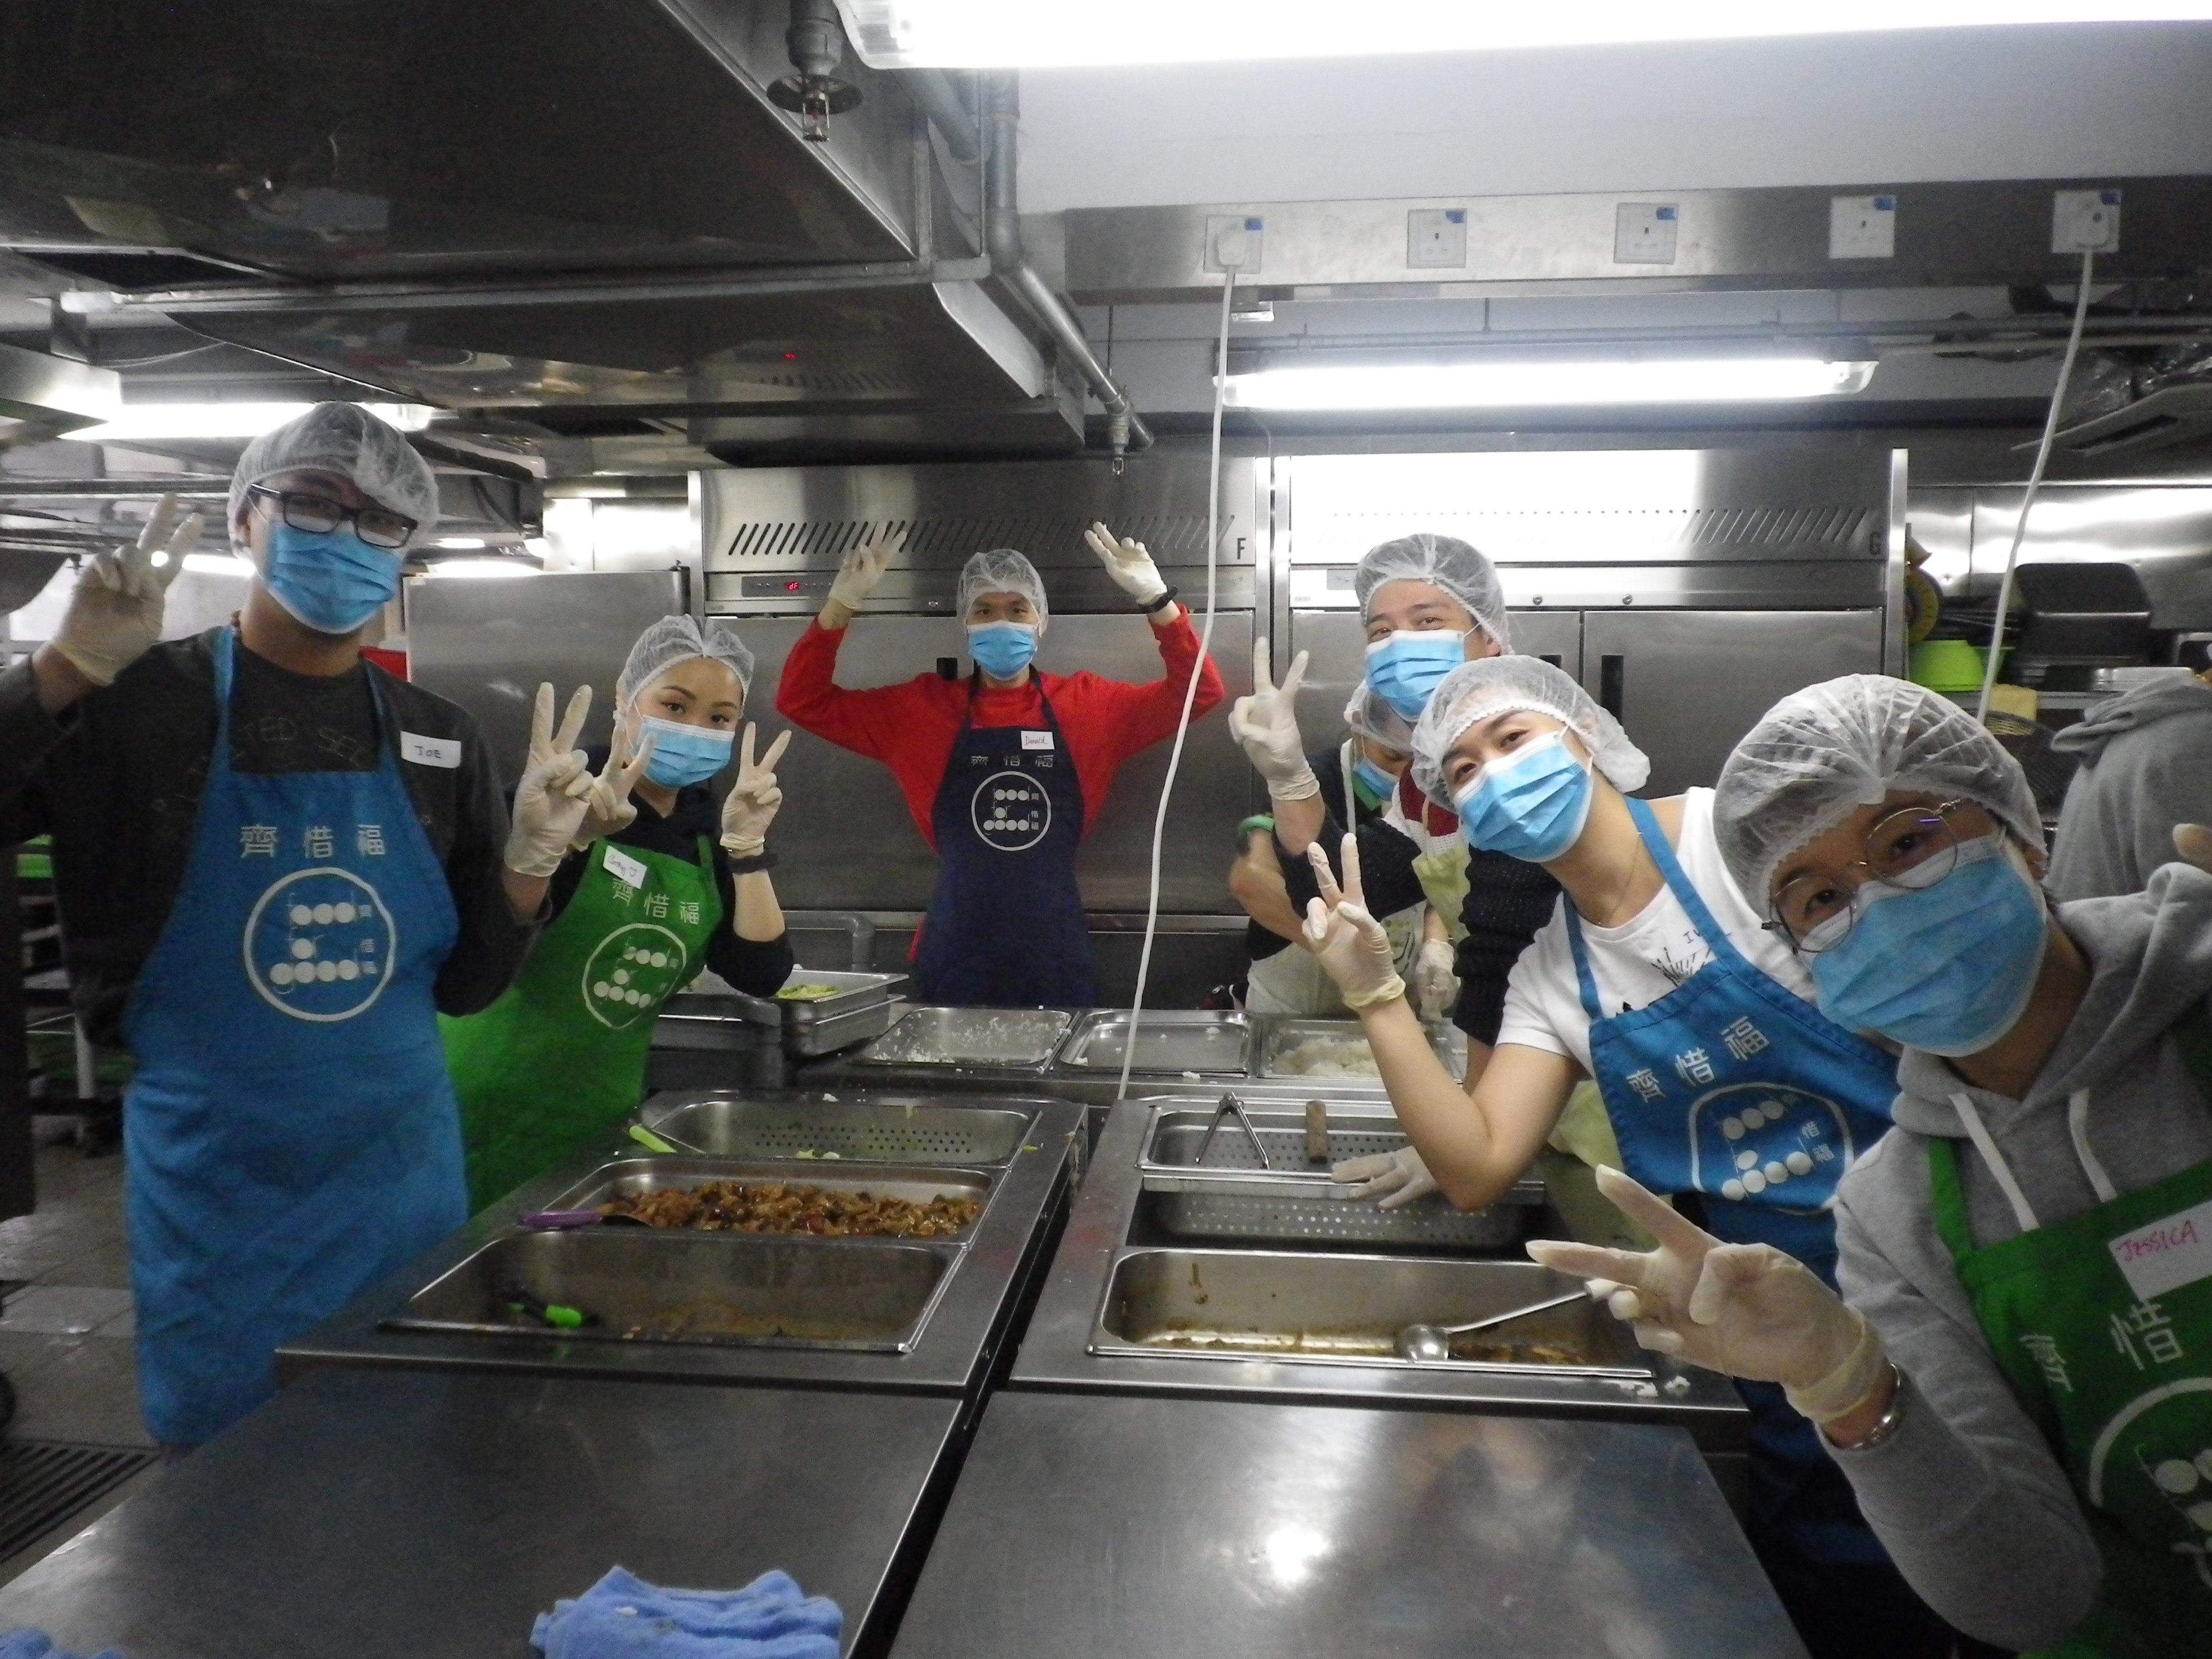 2018-12-09 - Rice Volunteer Group